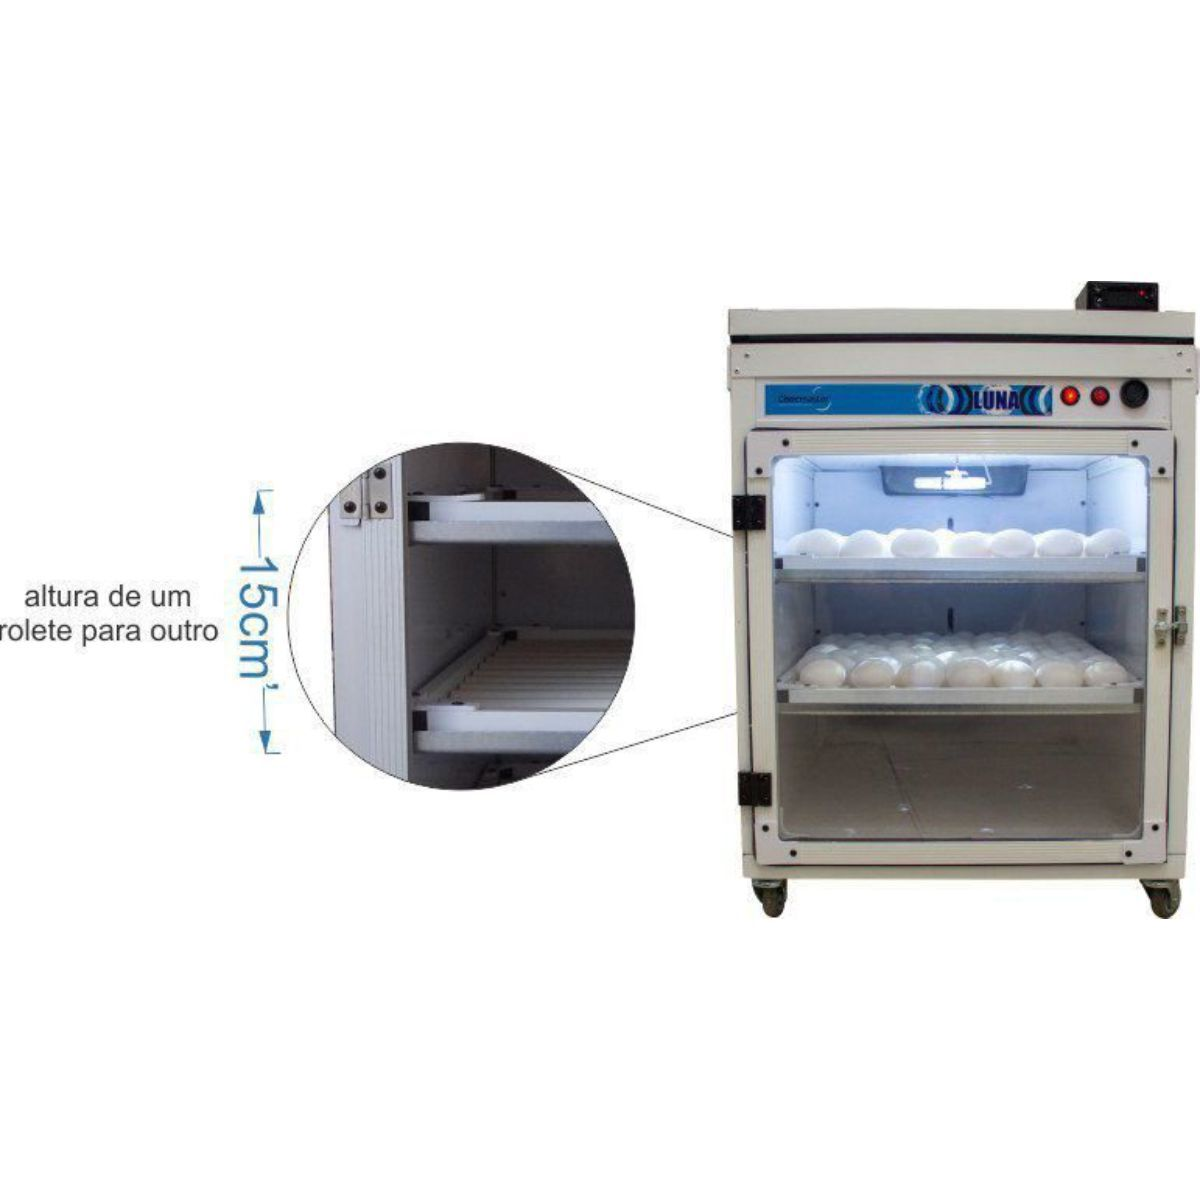 Chocadeira Automática Digital - Luna 160